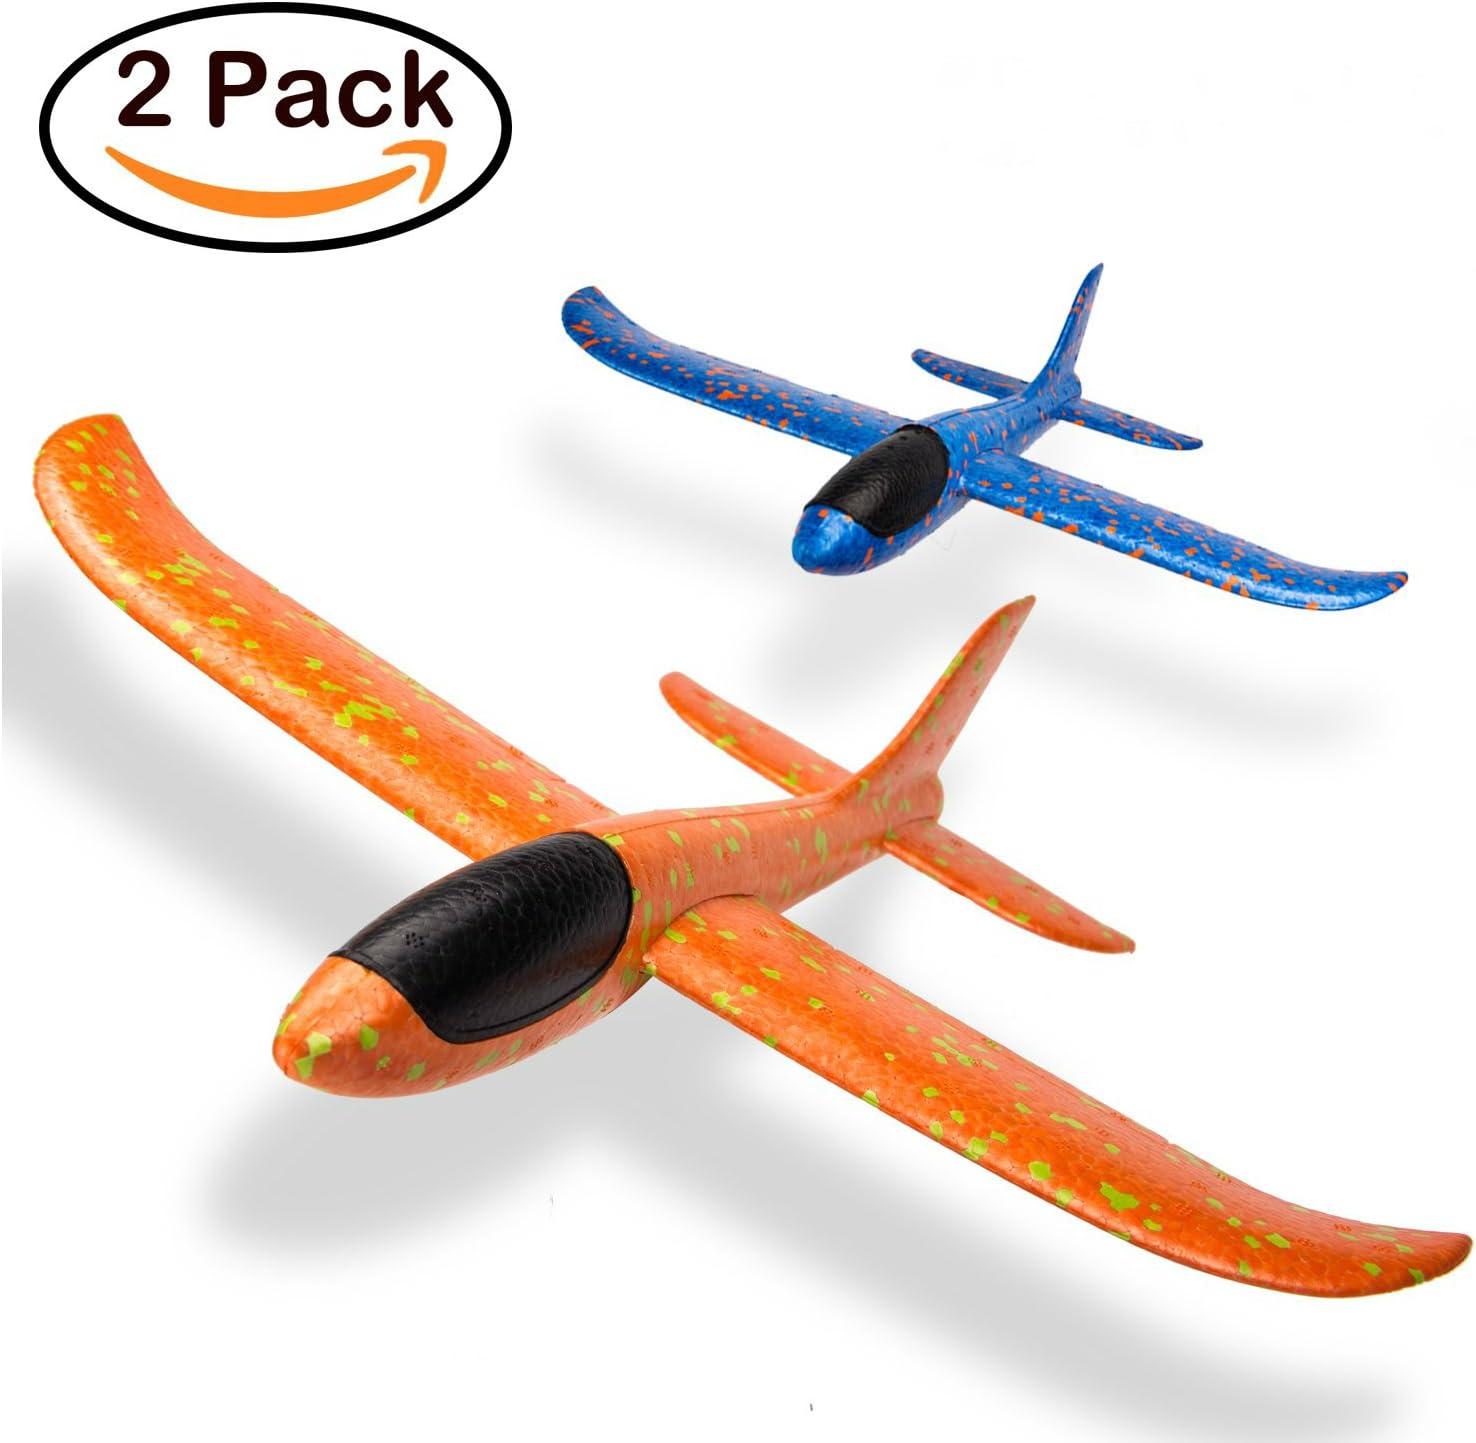 Beito 2 Pack de Avión Manual de Lanzamiento Divertido Challenging Deportes al Aire Libre Juguete Modelo Espuma avión Mejor Regalo para los niños (Azul y Naranja): Amazon.es: Deportes y aire libre